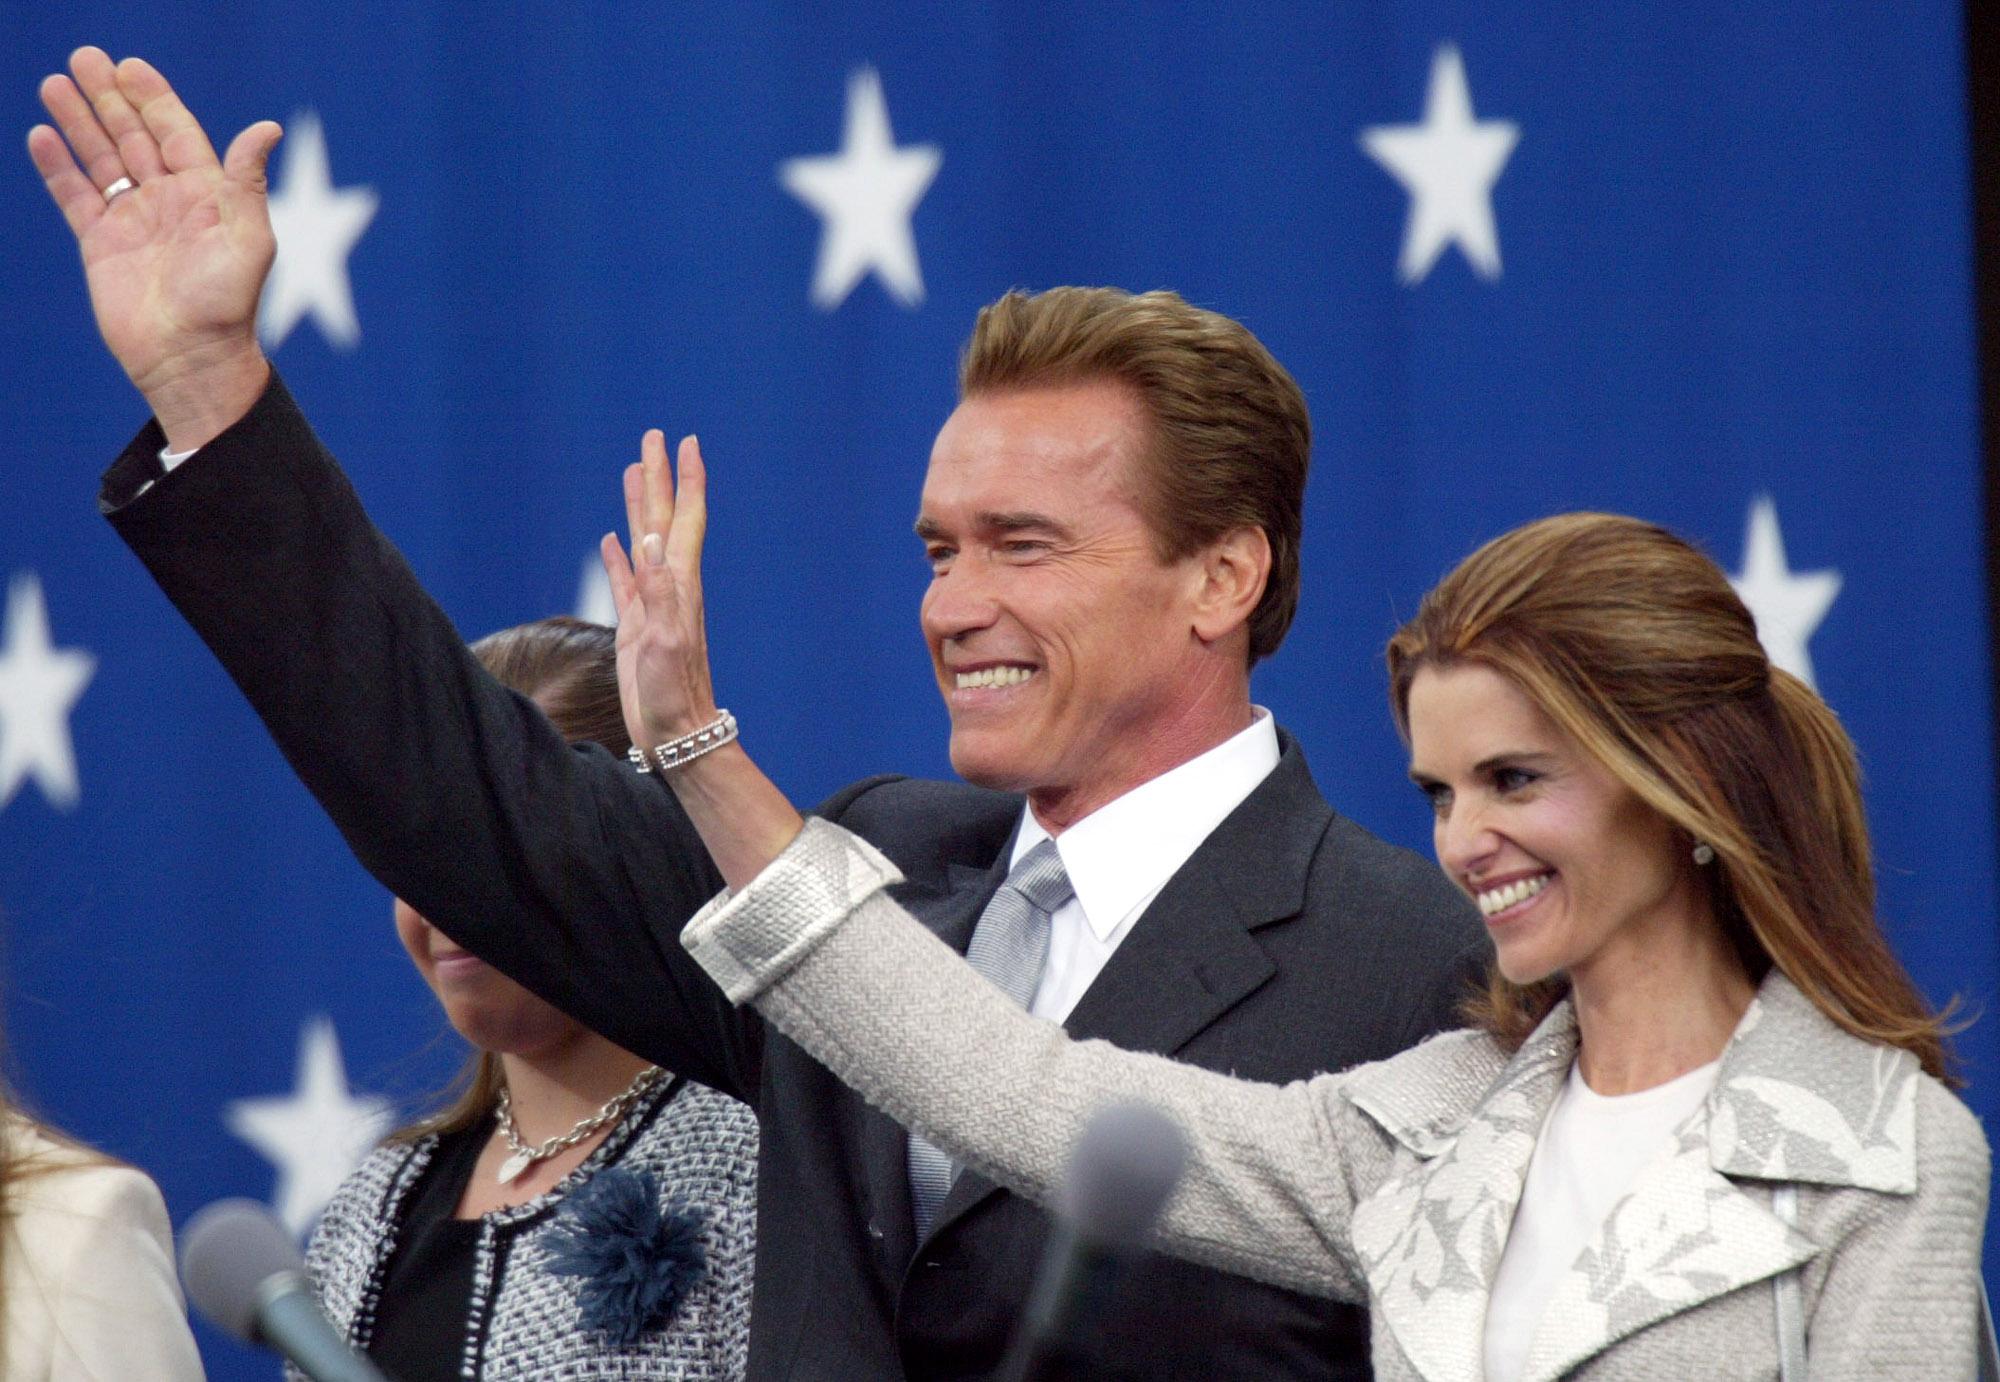 2003年11月17日,阿諾宣誓就任加州第38任州長,與妻子瑪麗亞向民眾揮手致意。(美聯社)